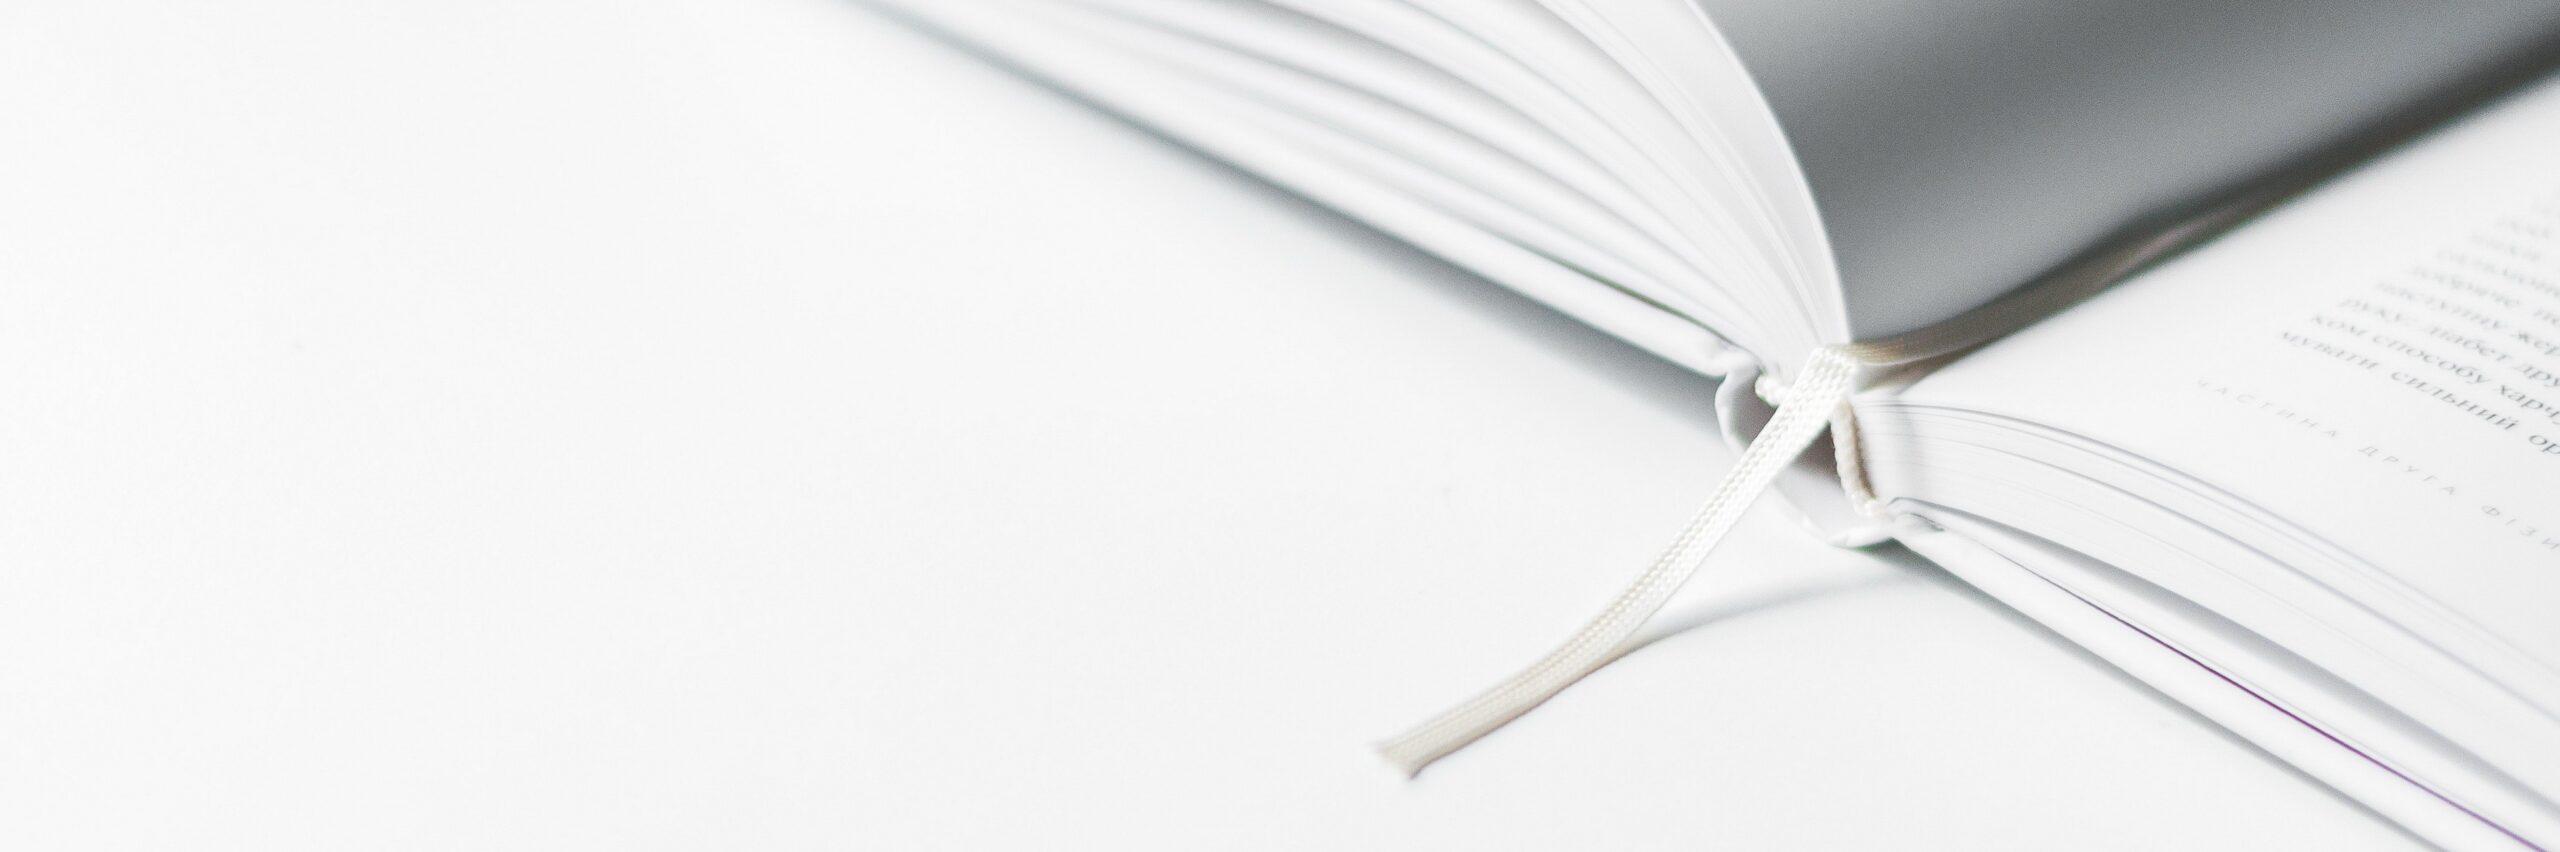 Печать и конвертинг: переводы, адаптация, контент